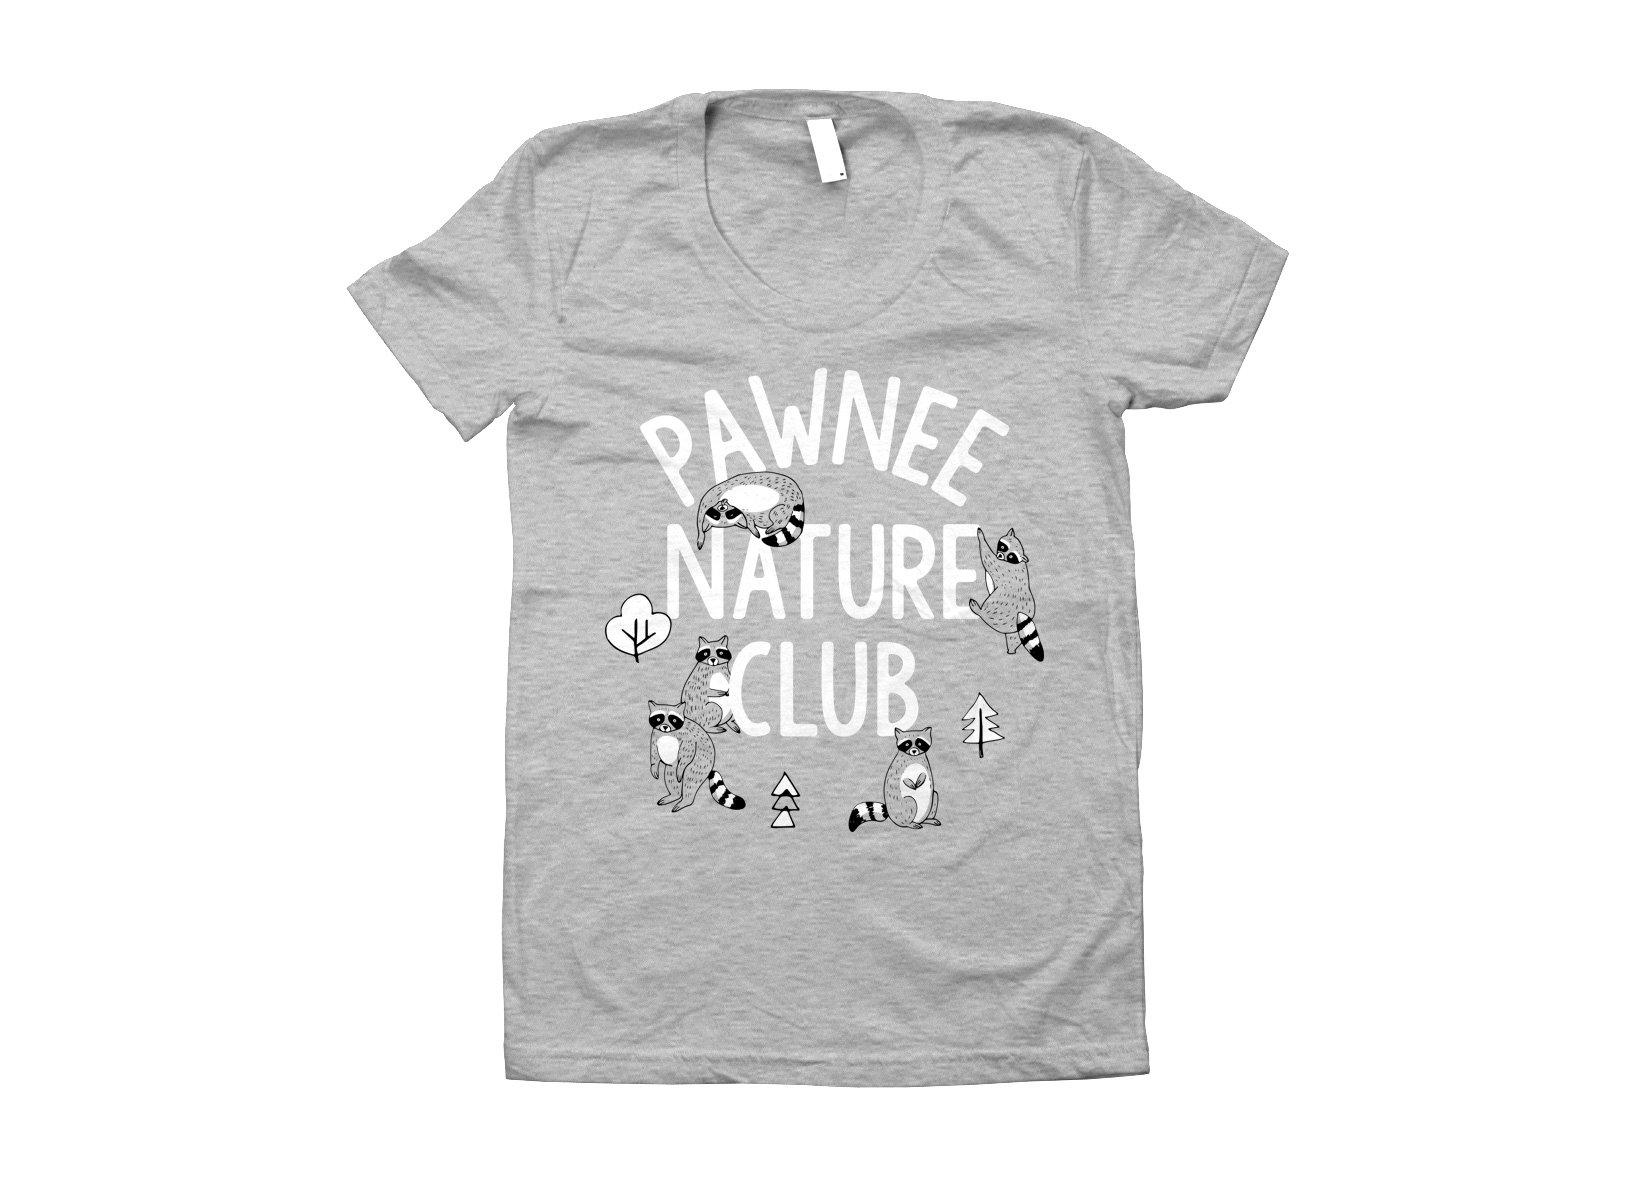 Pawnee Nature Club on Juniors T-Shirt